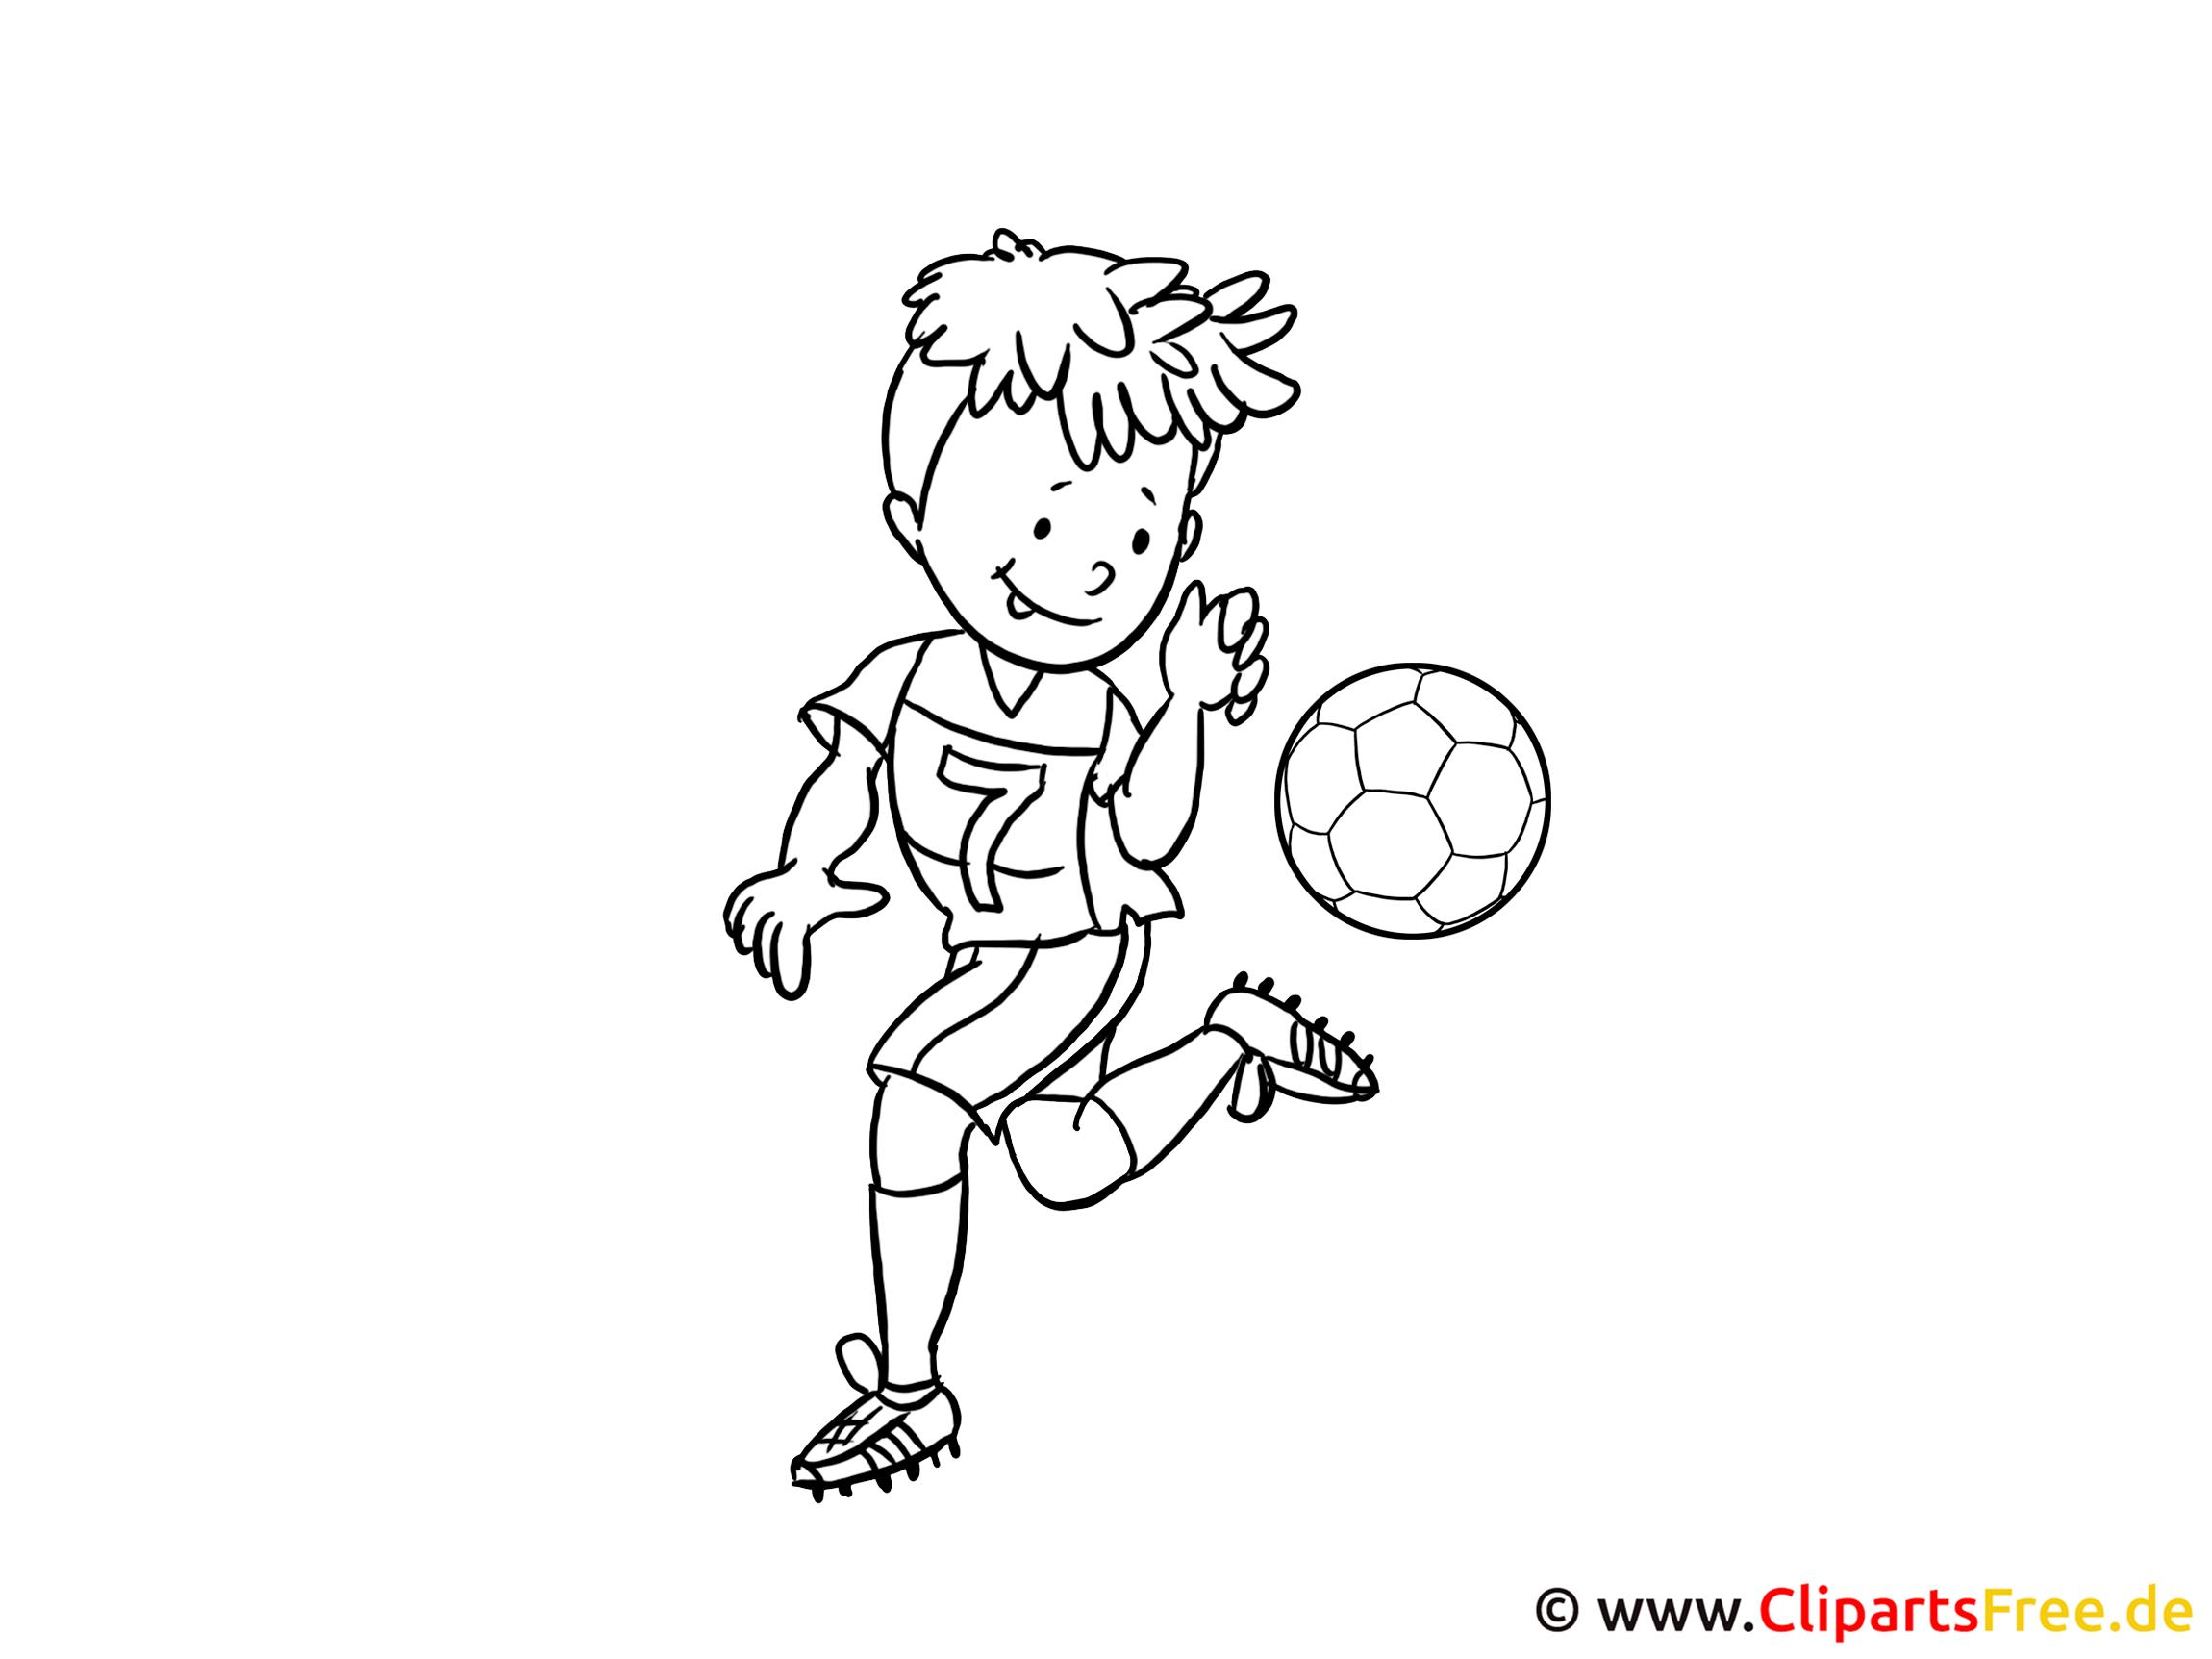 Kindermalvorlagen Fussball